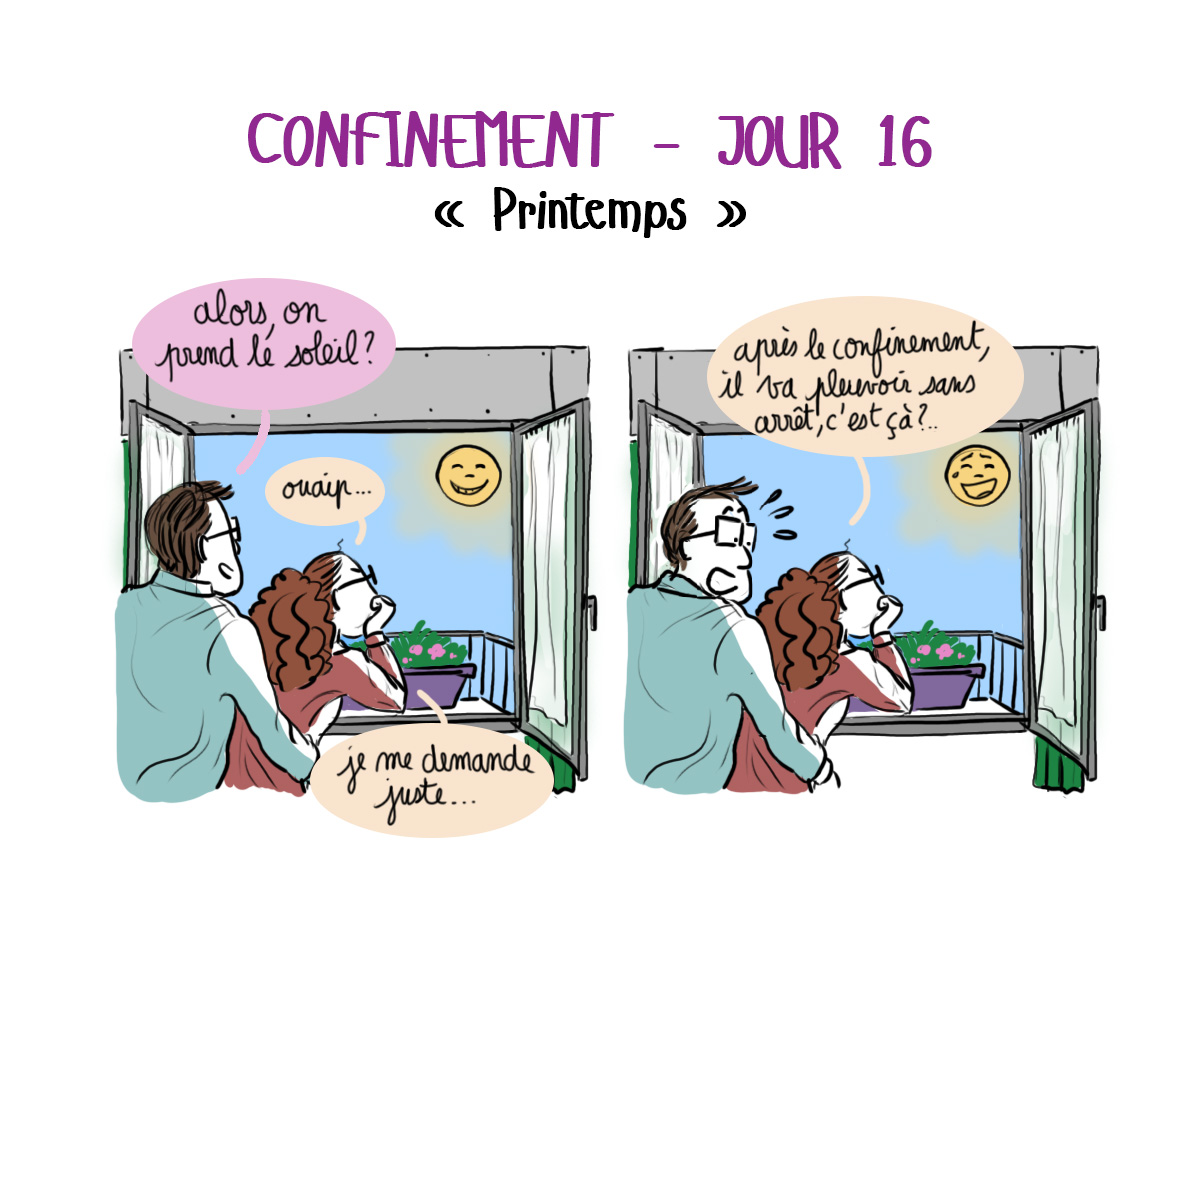 Journal de confinement - jour 16